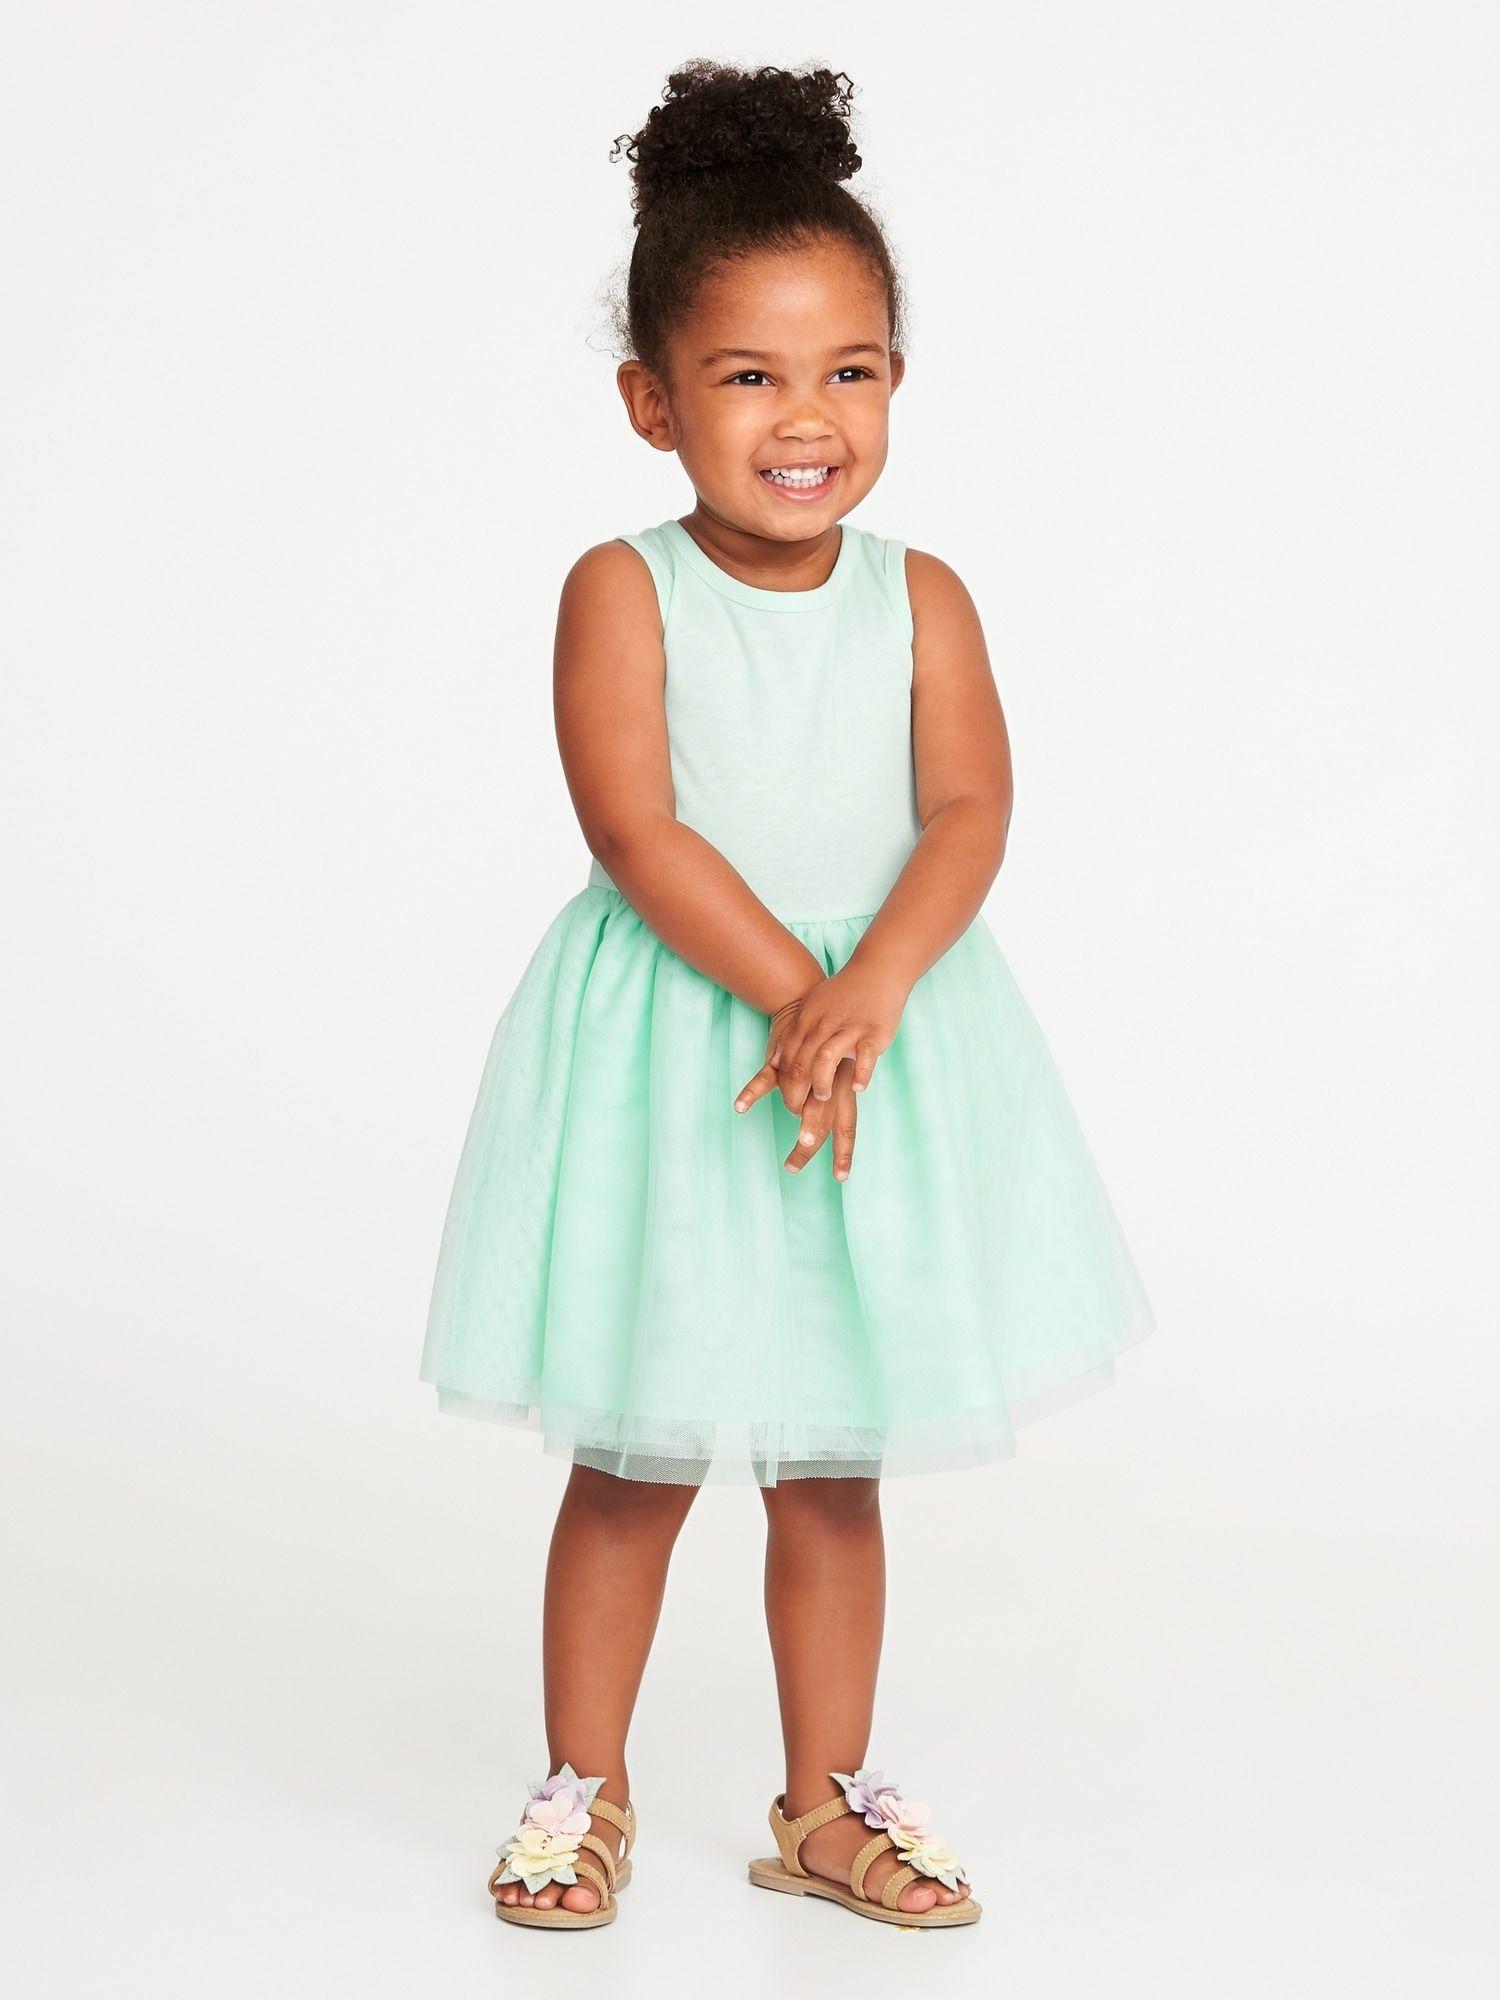 8787ddf005 Tutu Tank Dress for Toddler Girls